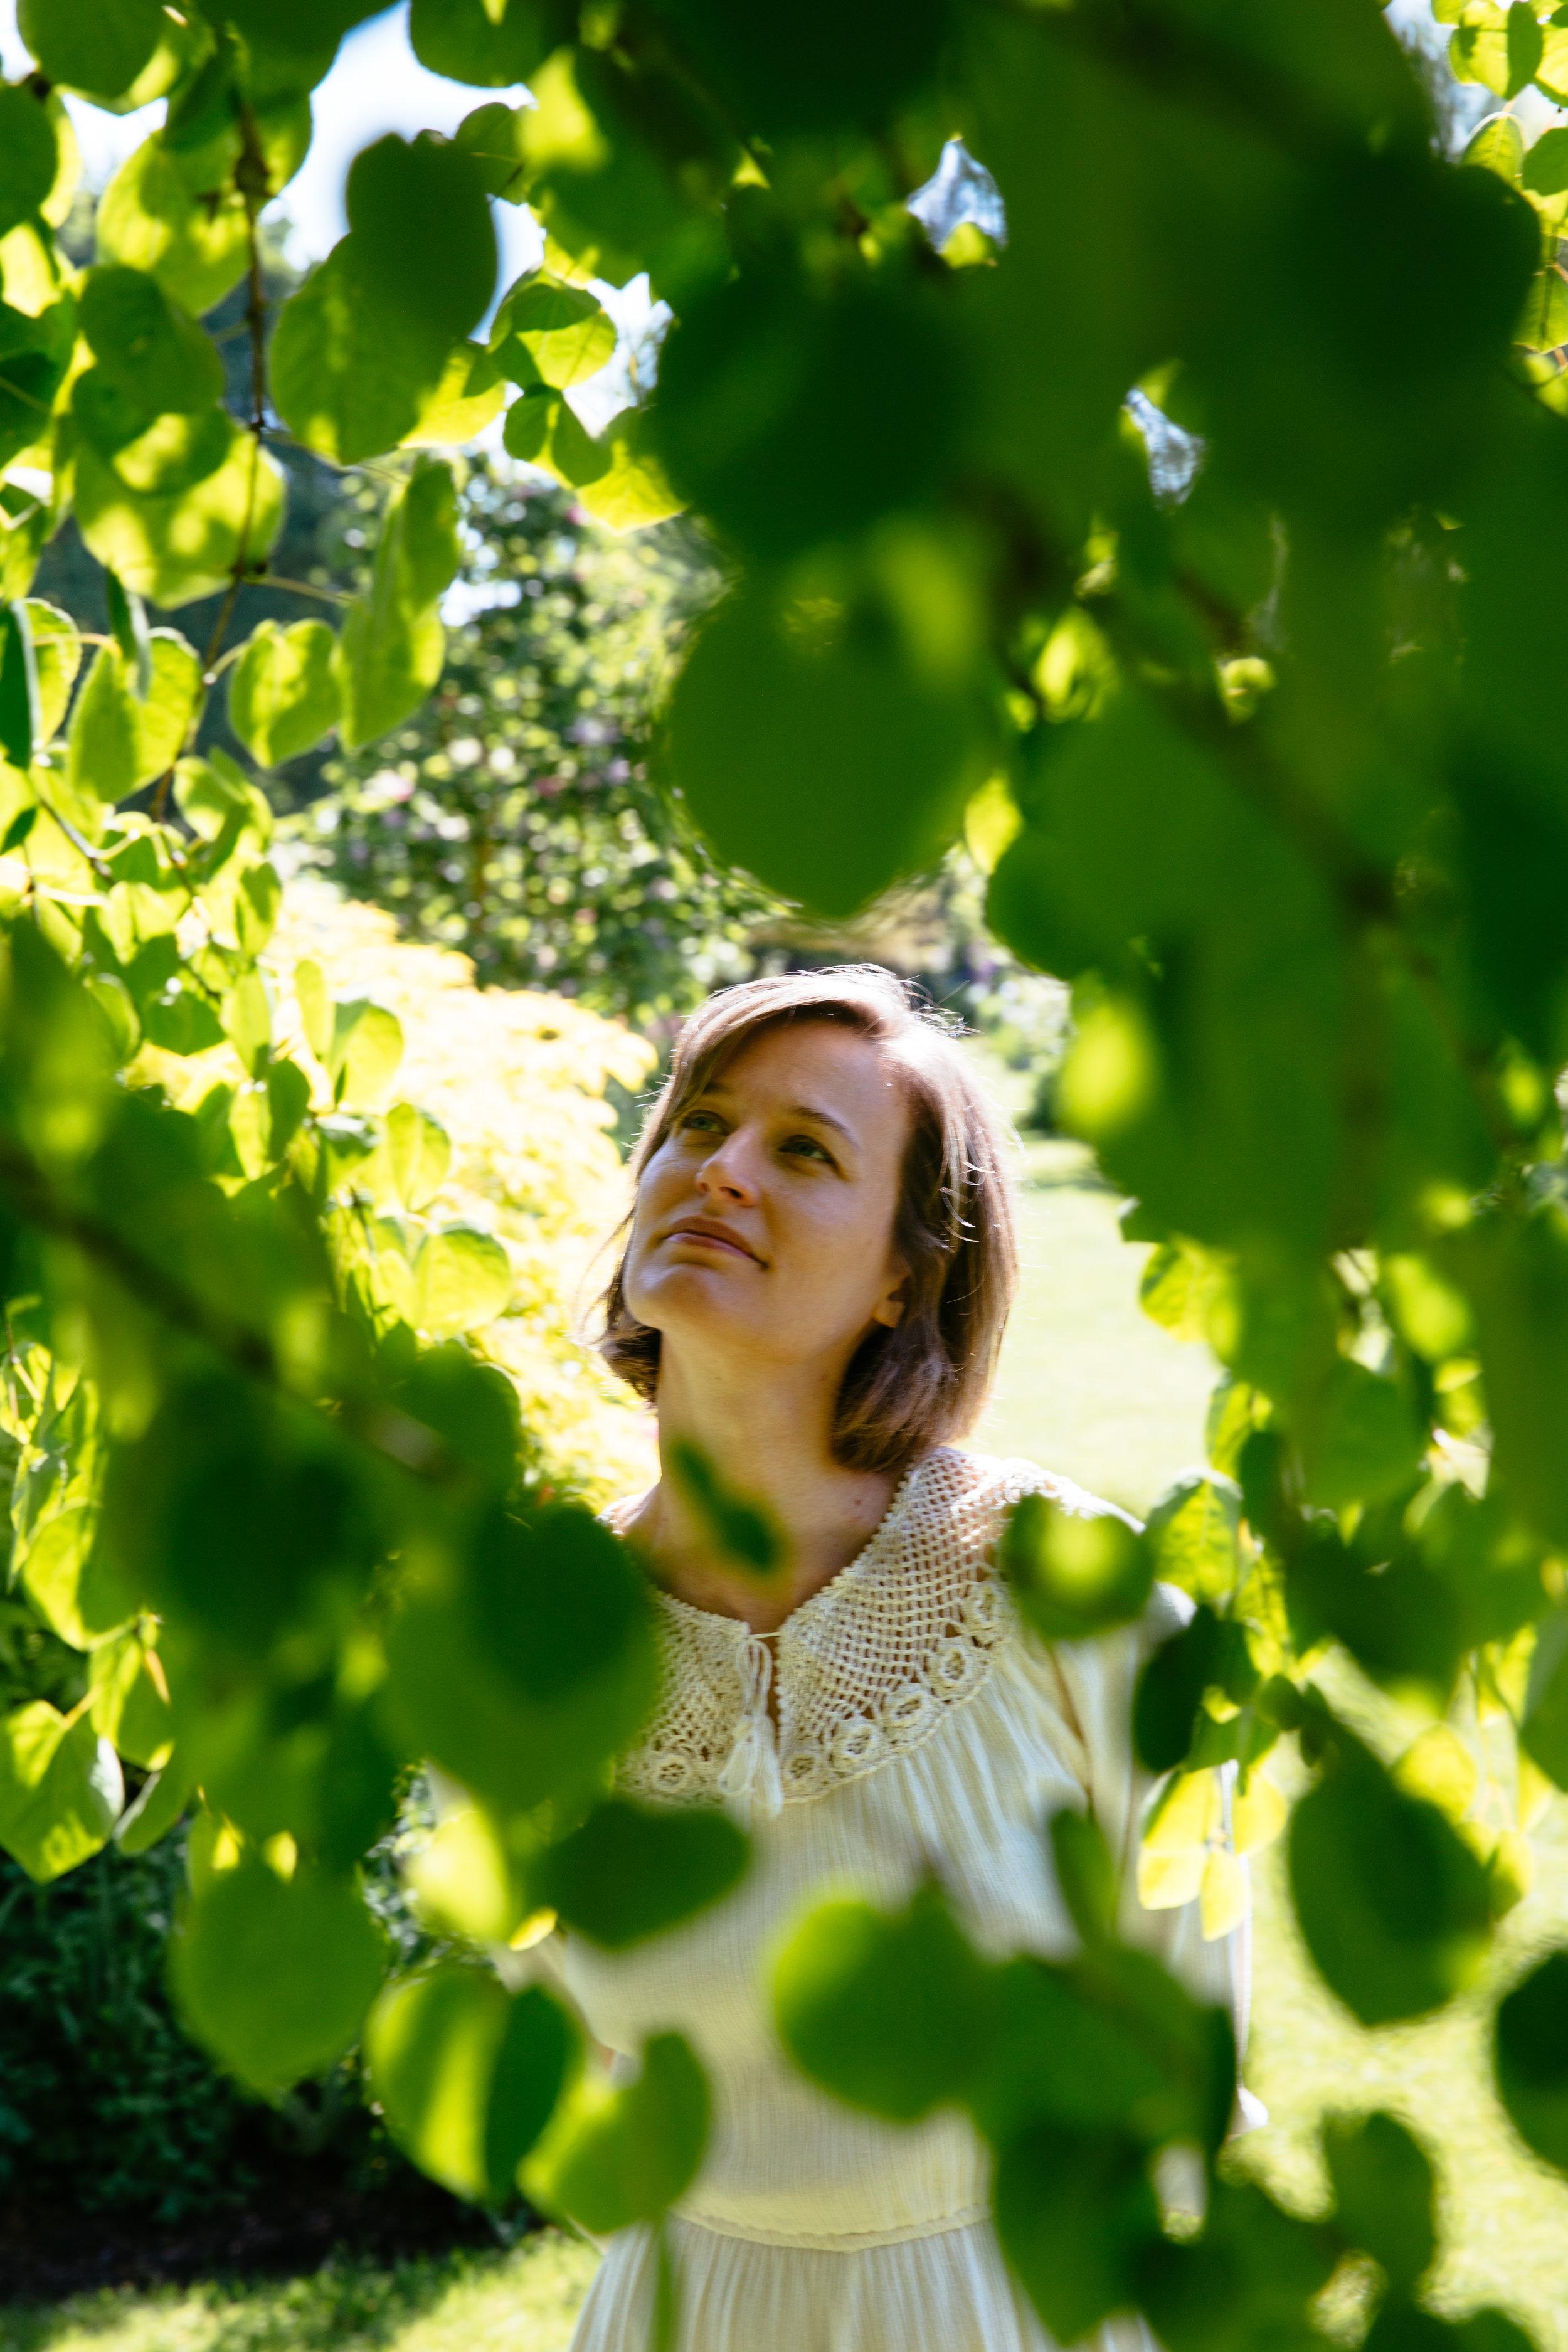 Elaine Schimek